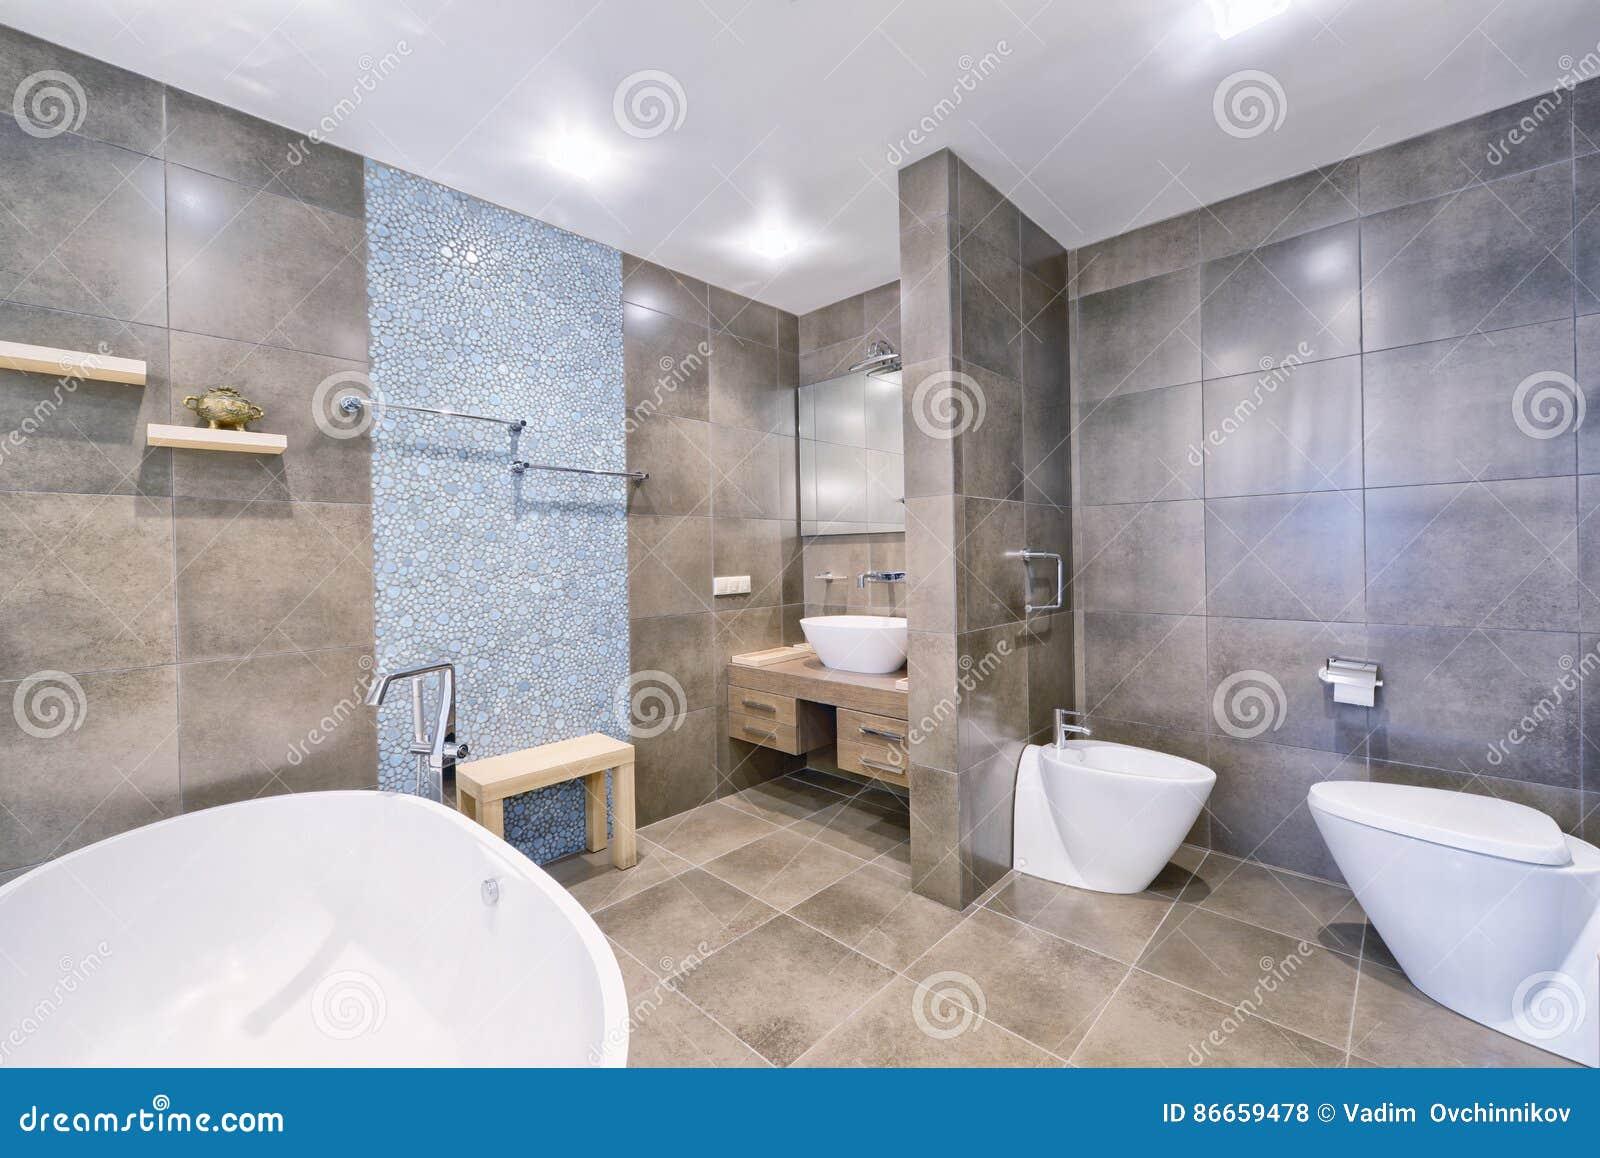 Rosja Moskwa Region łazienki Wnętrze W Nowym Luksusowym